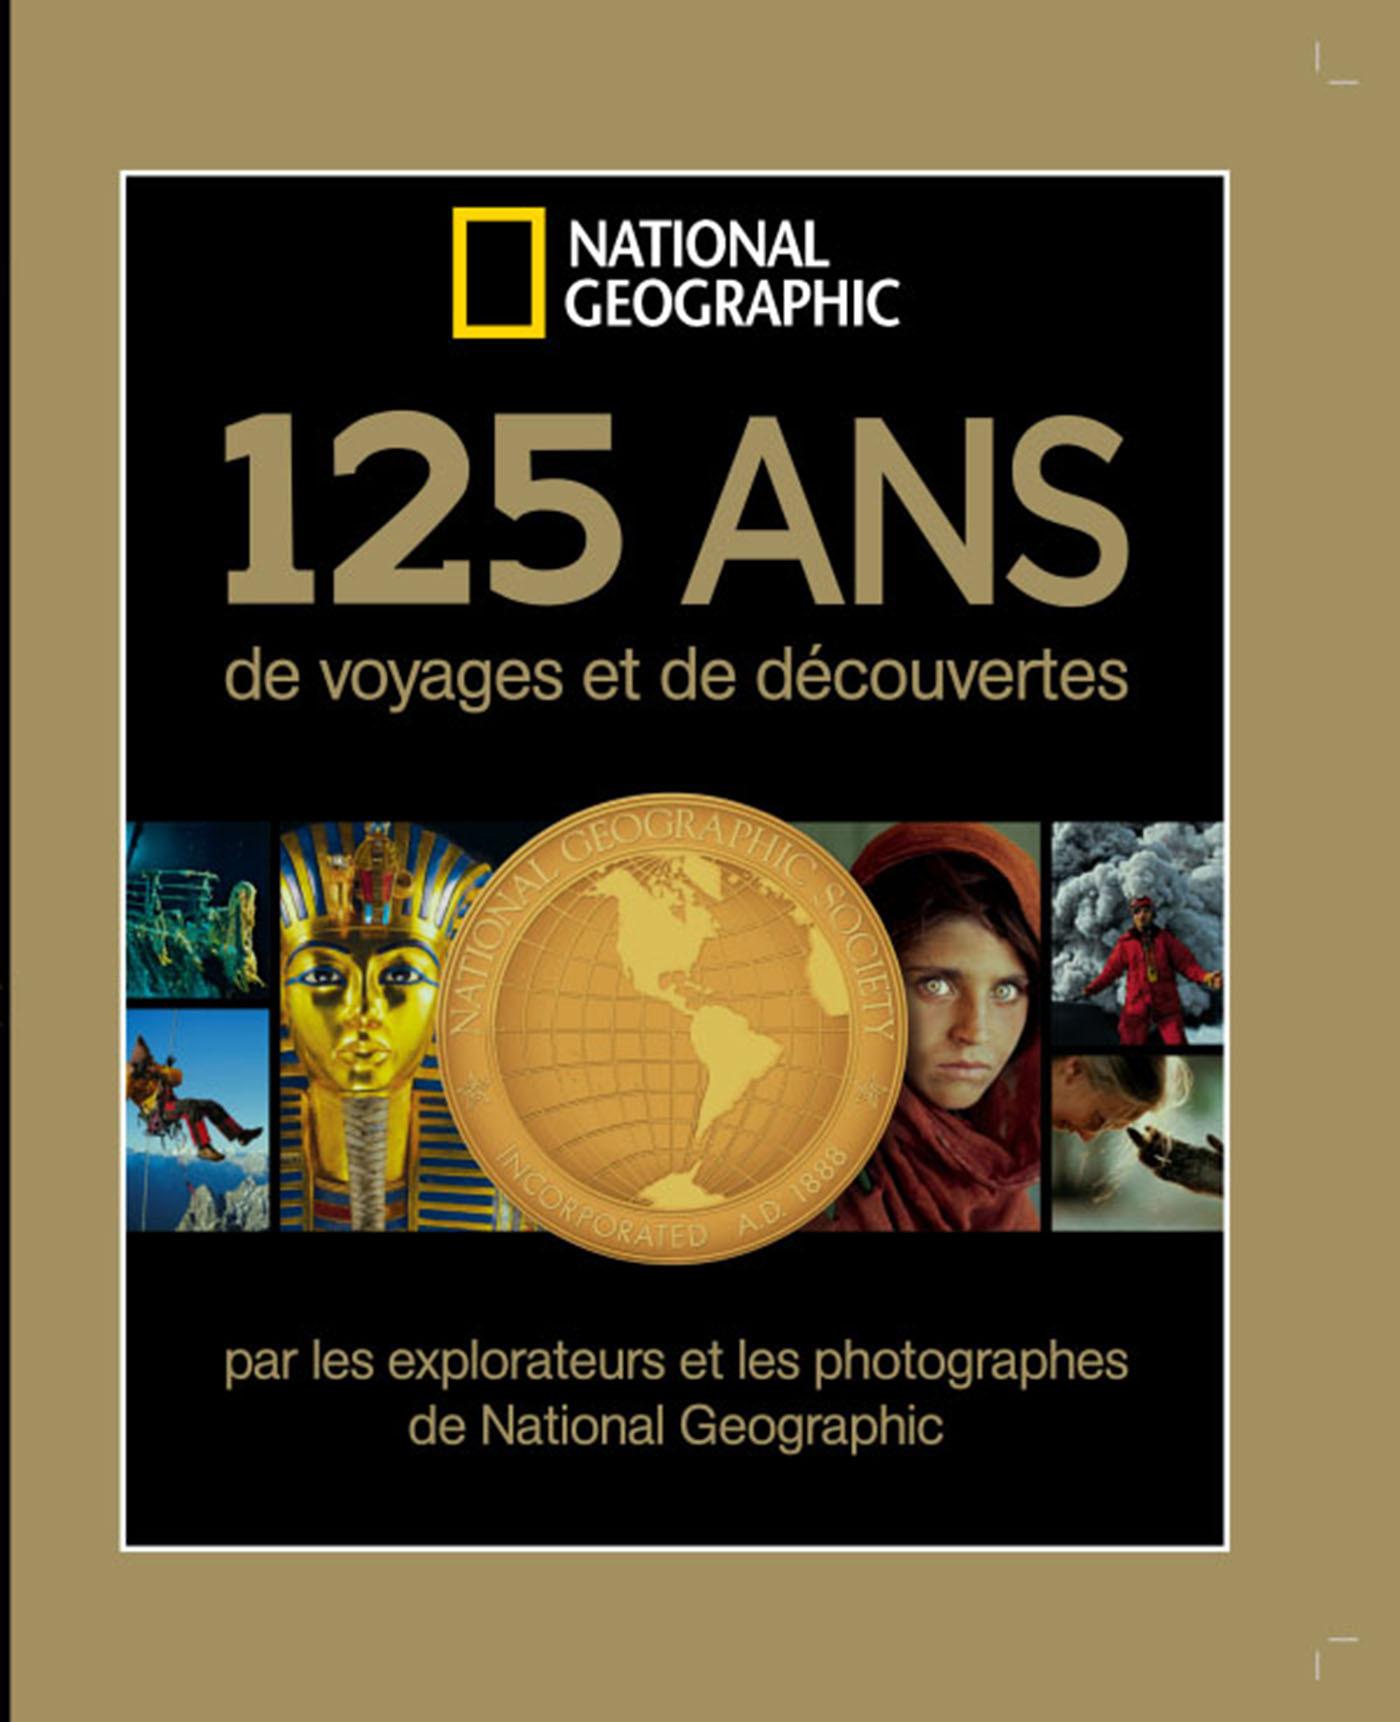 125 ANS DE VOYAGES ET DE DECOUVERTES NATIONAL GEOGRAPHIC NED